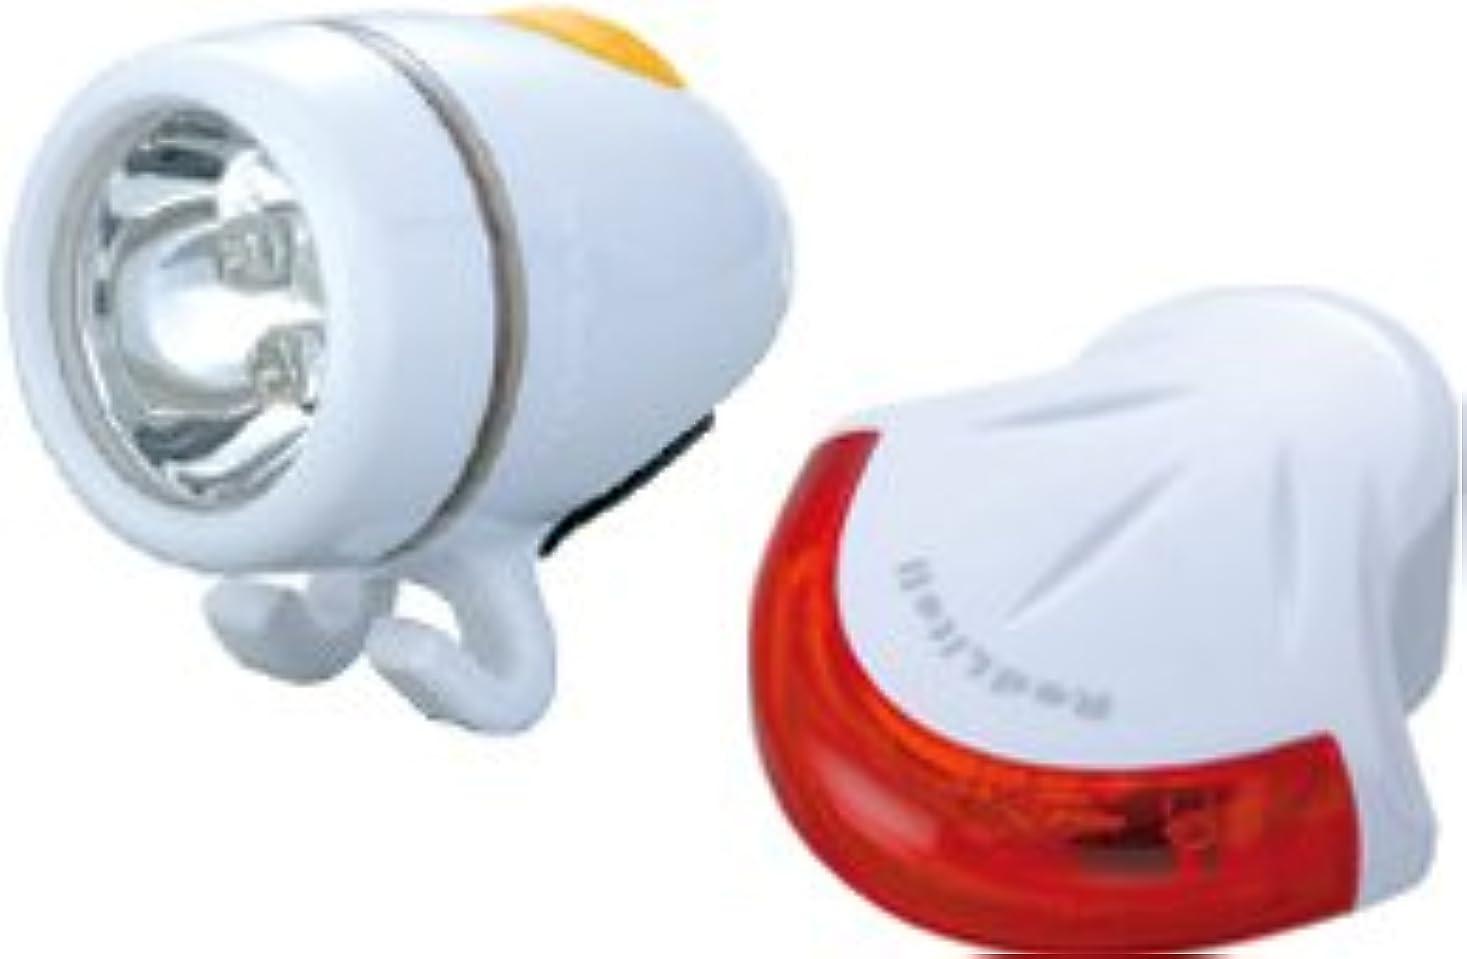 病弱調和のとれたひばりLPF09301 TOPEAK ハイライトコンボ2 ヘッドライト&リアライトセット ホワイト